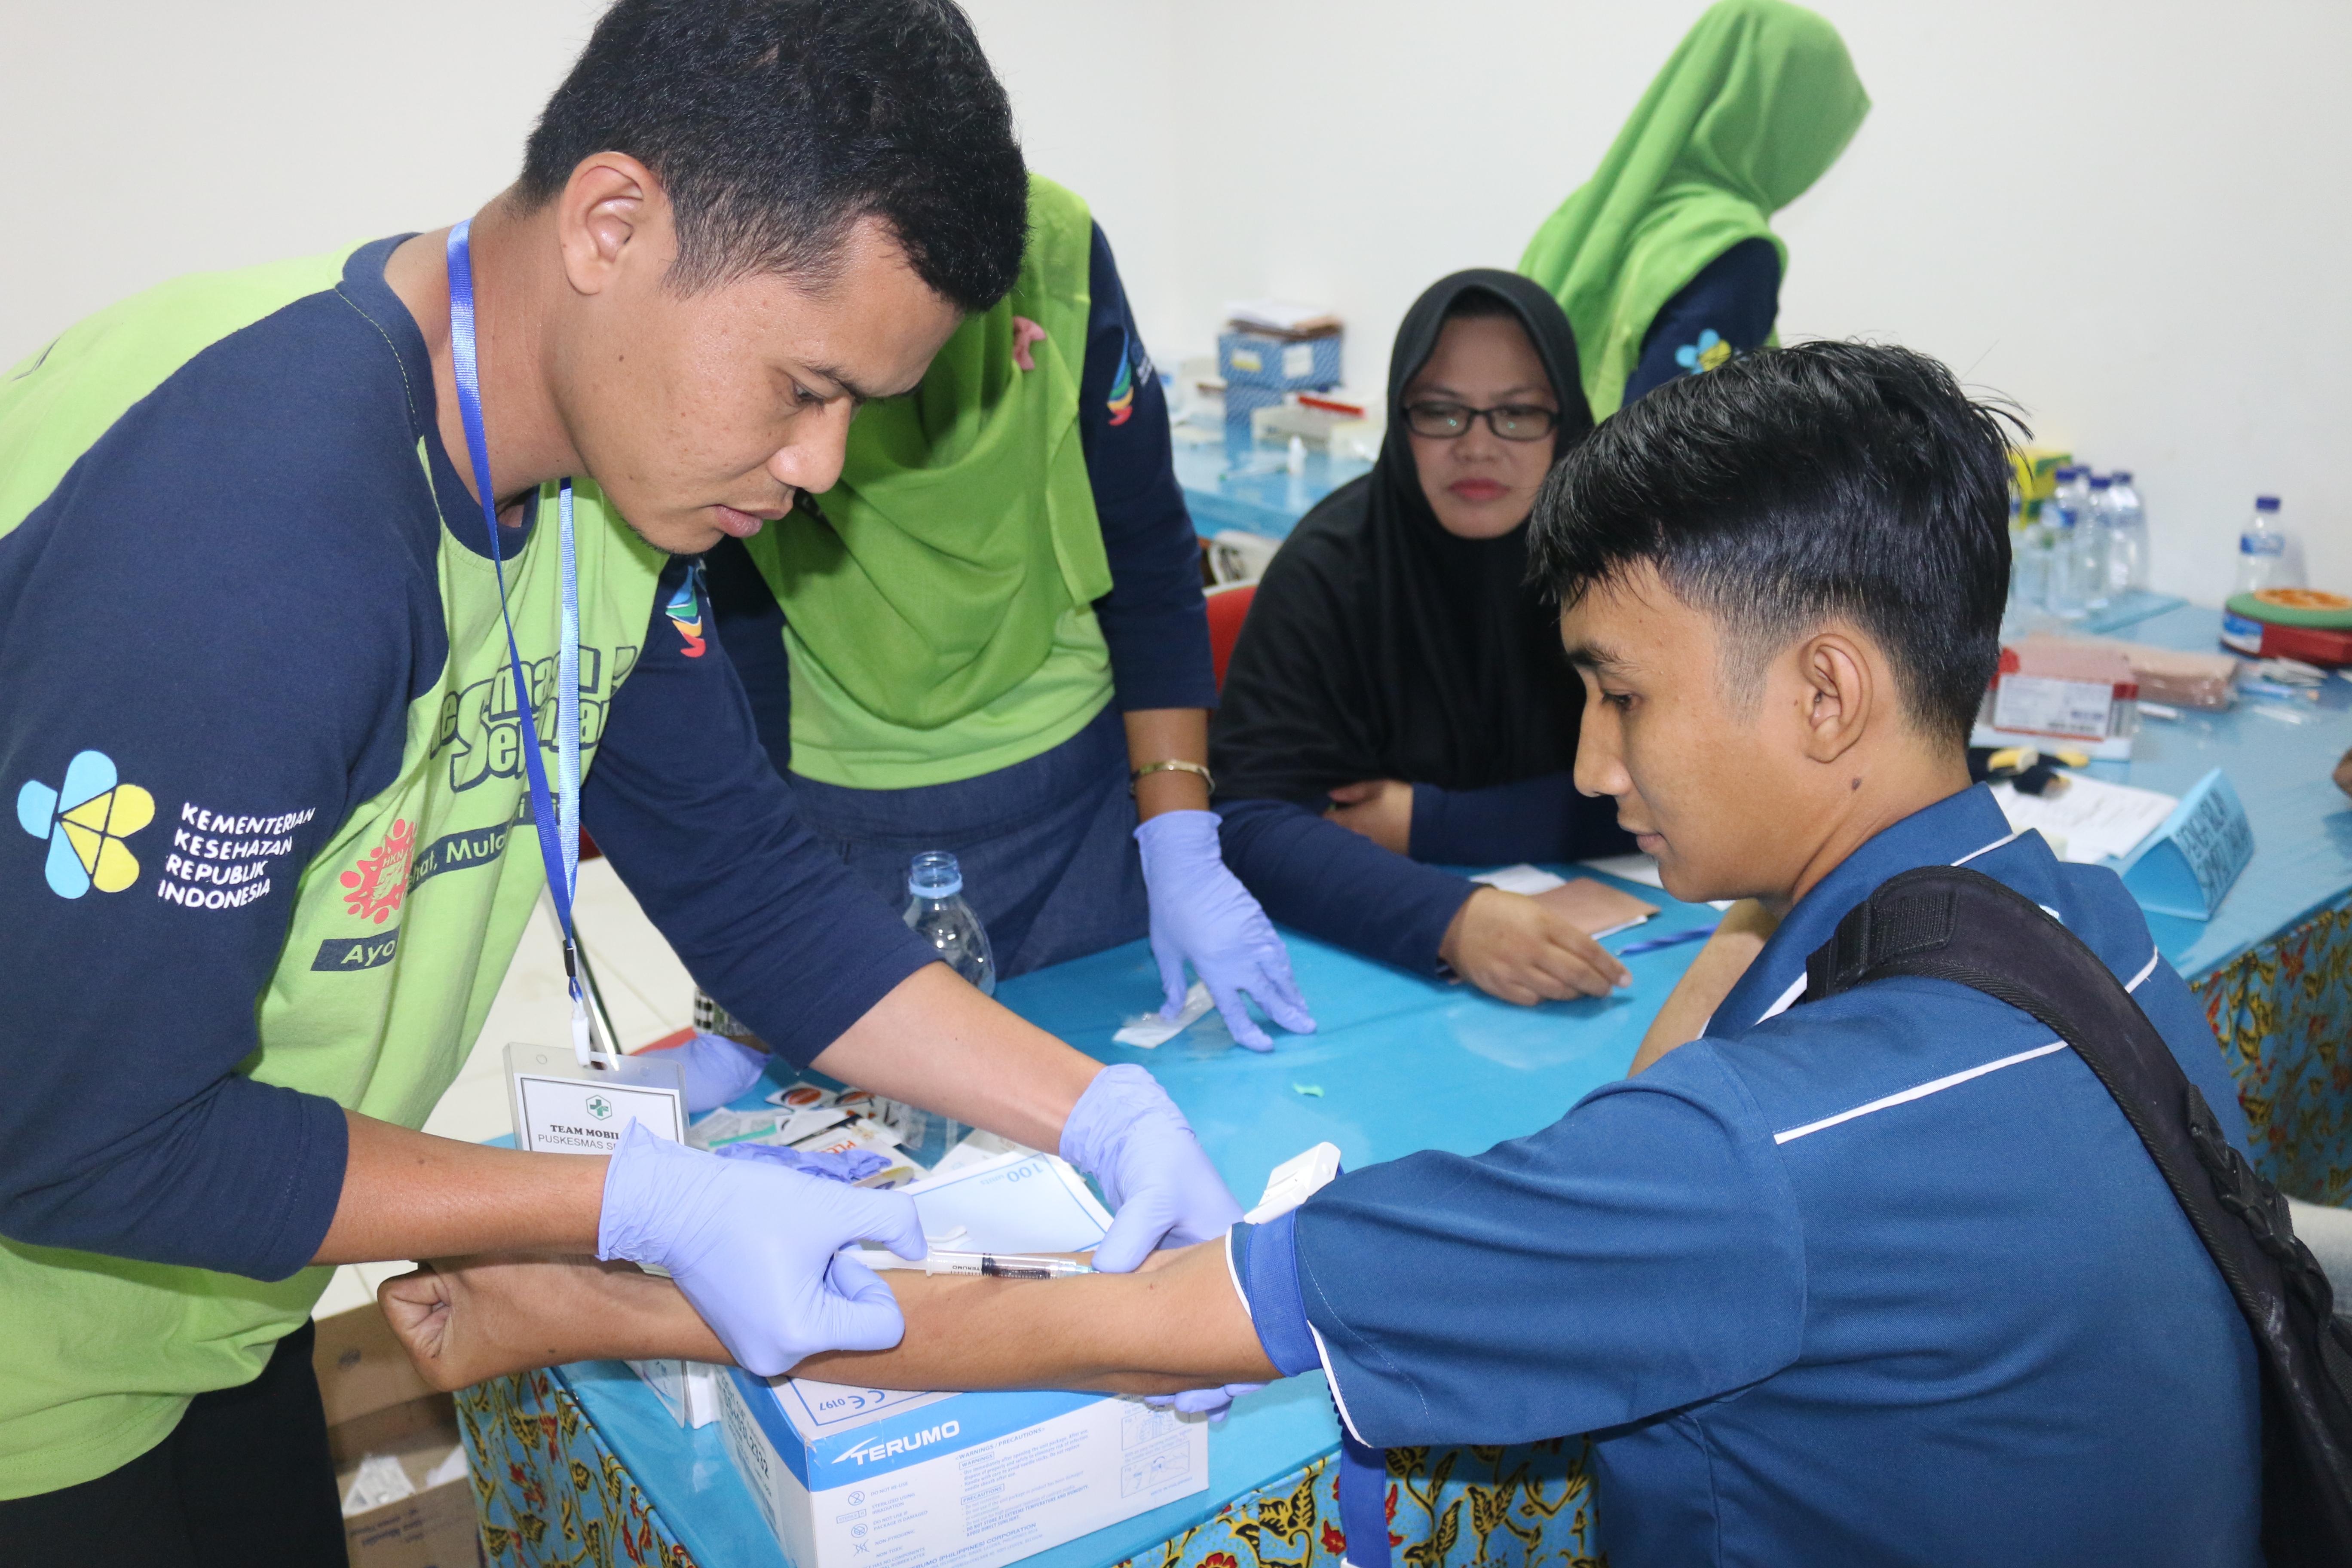 Cegah HIV/AIDS dan TB Paru di Tempat Kerja, HSE PT. IGG Undang KPA Banyuwangi, Puskesmas Sepanjang, dan Puskesmas Tulungrejo